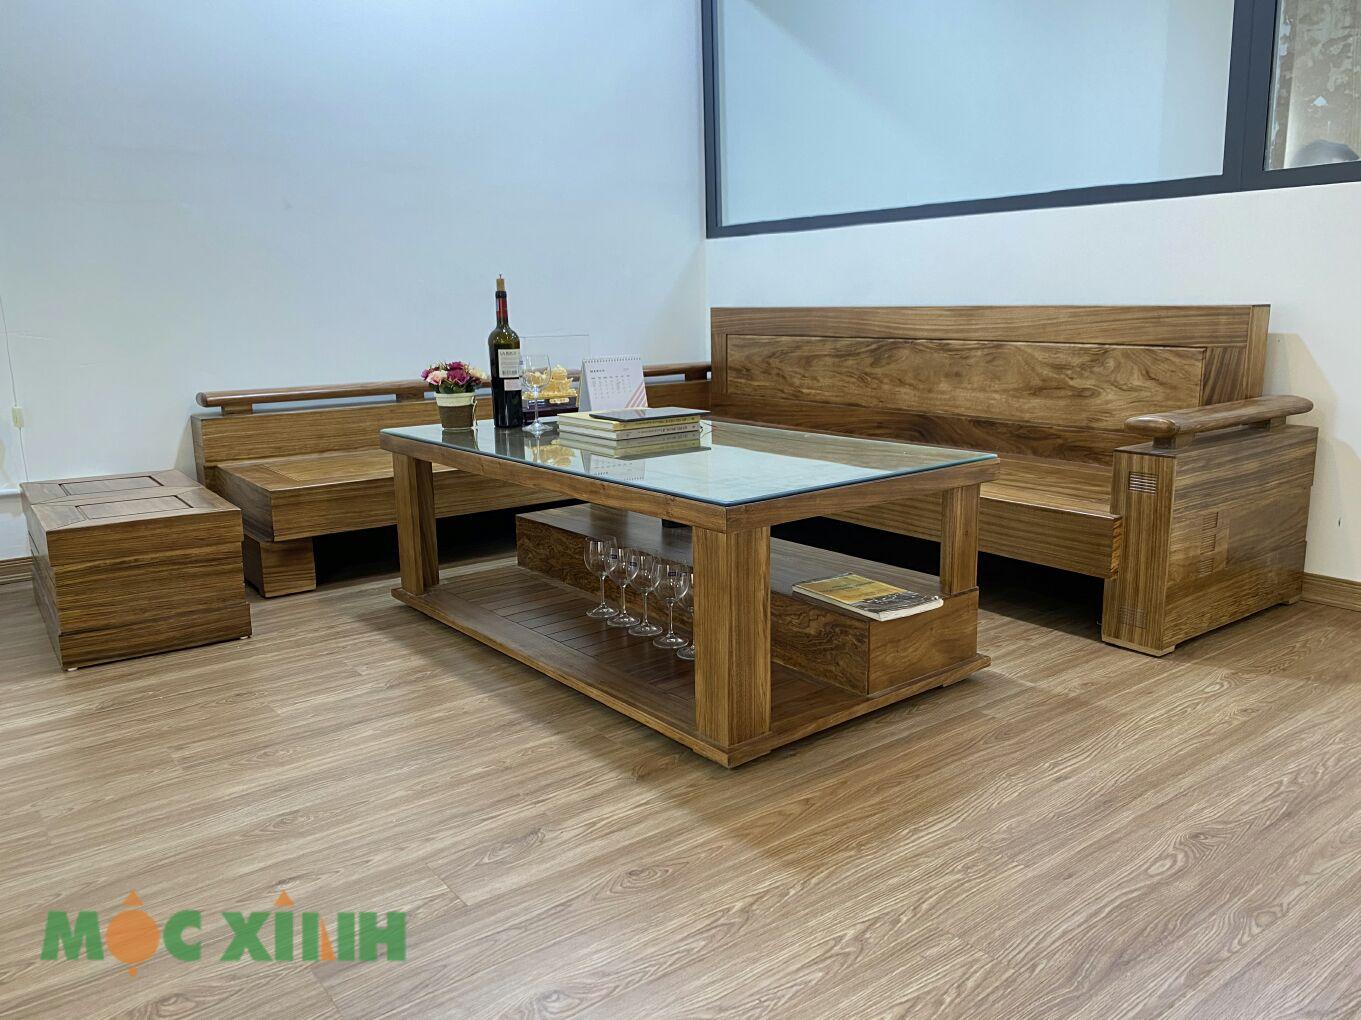 Mẫu bàn ghế gỗ hương xám đẹp và chất lượng